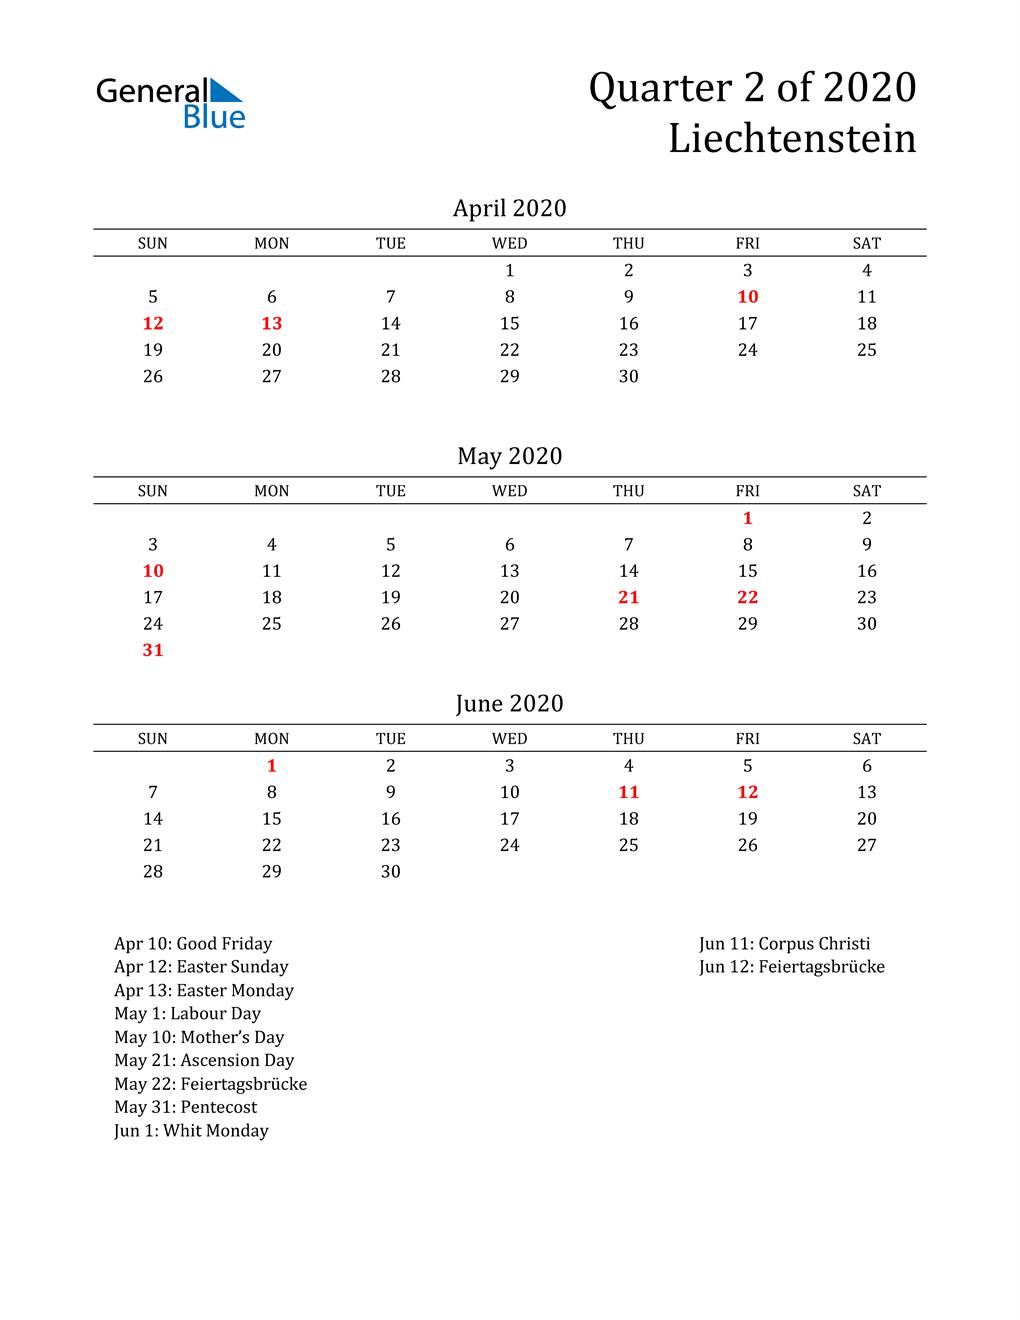 2020 Liechtenstein Quarterly Calendar